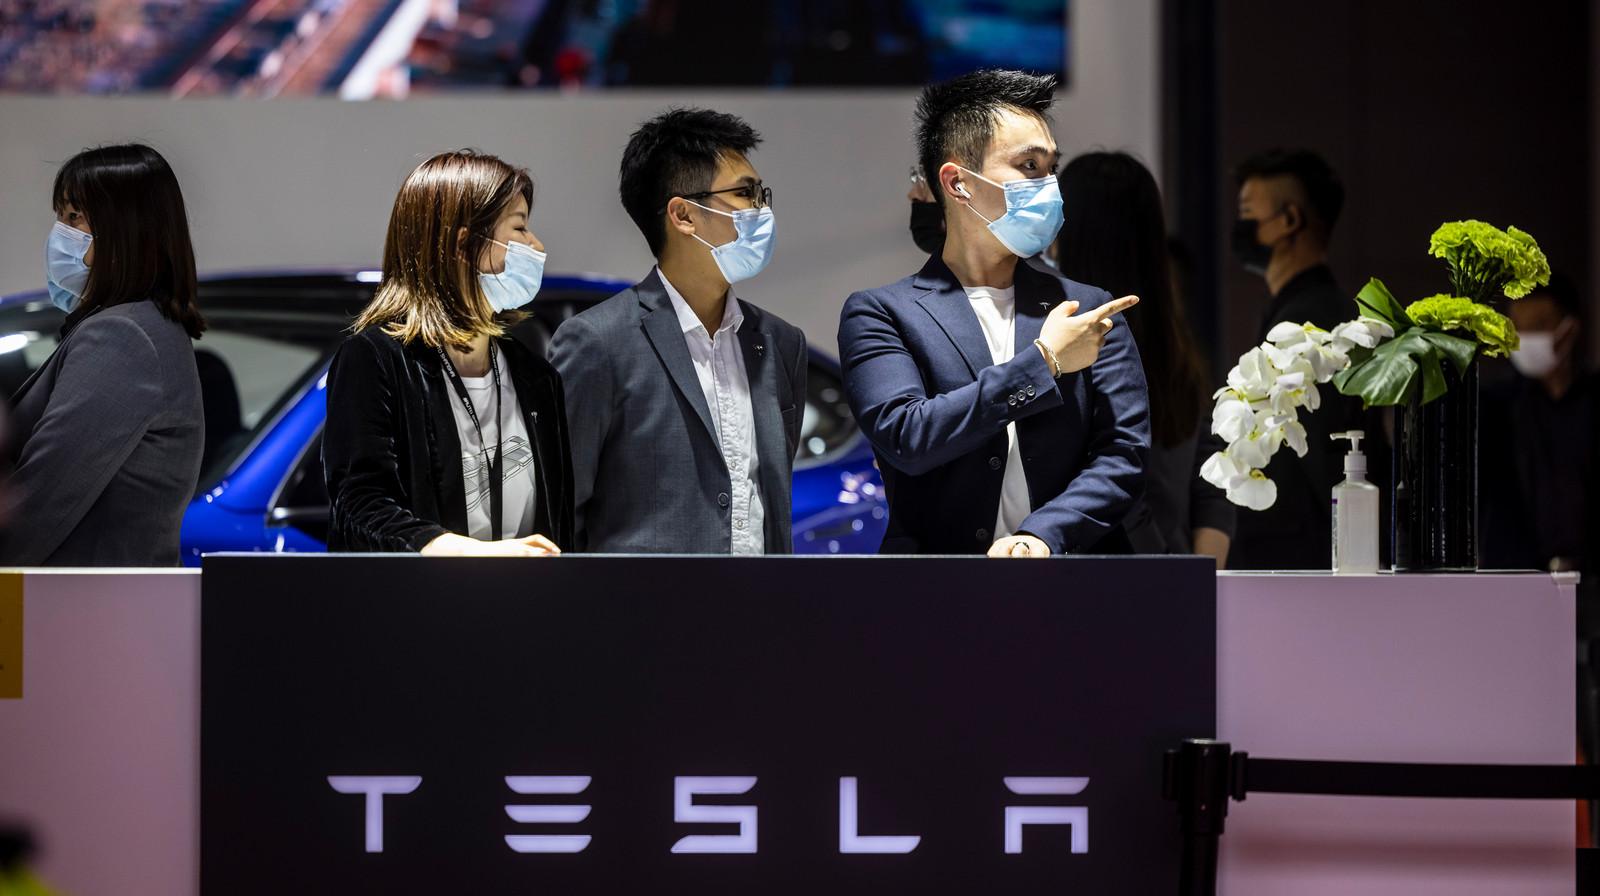 Medewerkers van de Tesla-stand, die veel bezoek trekt.